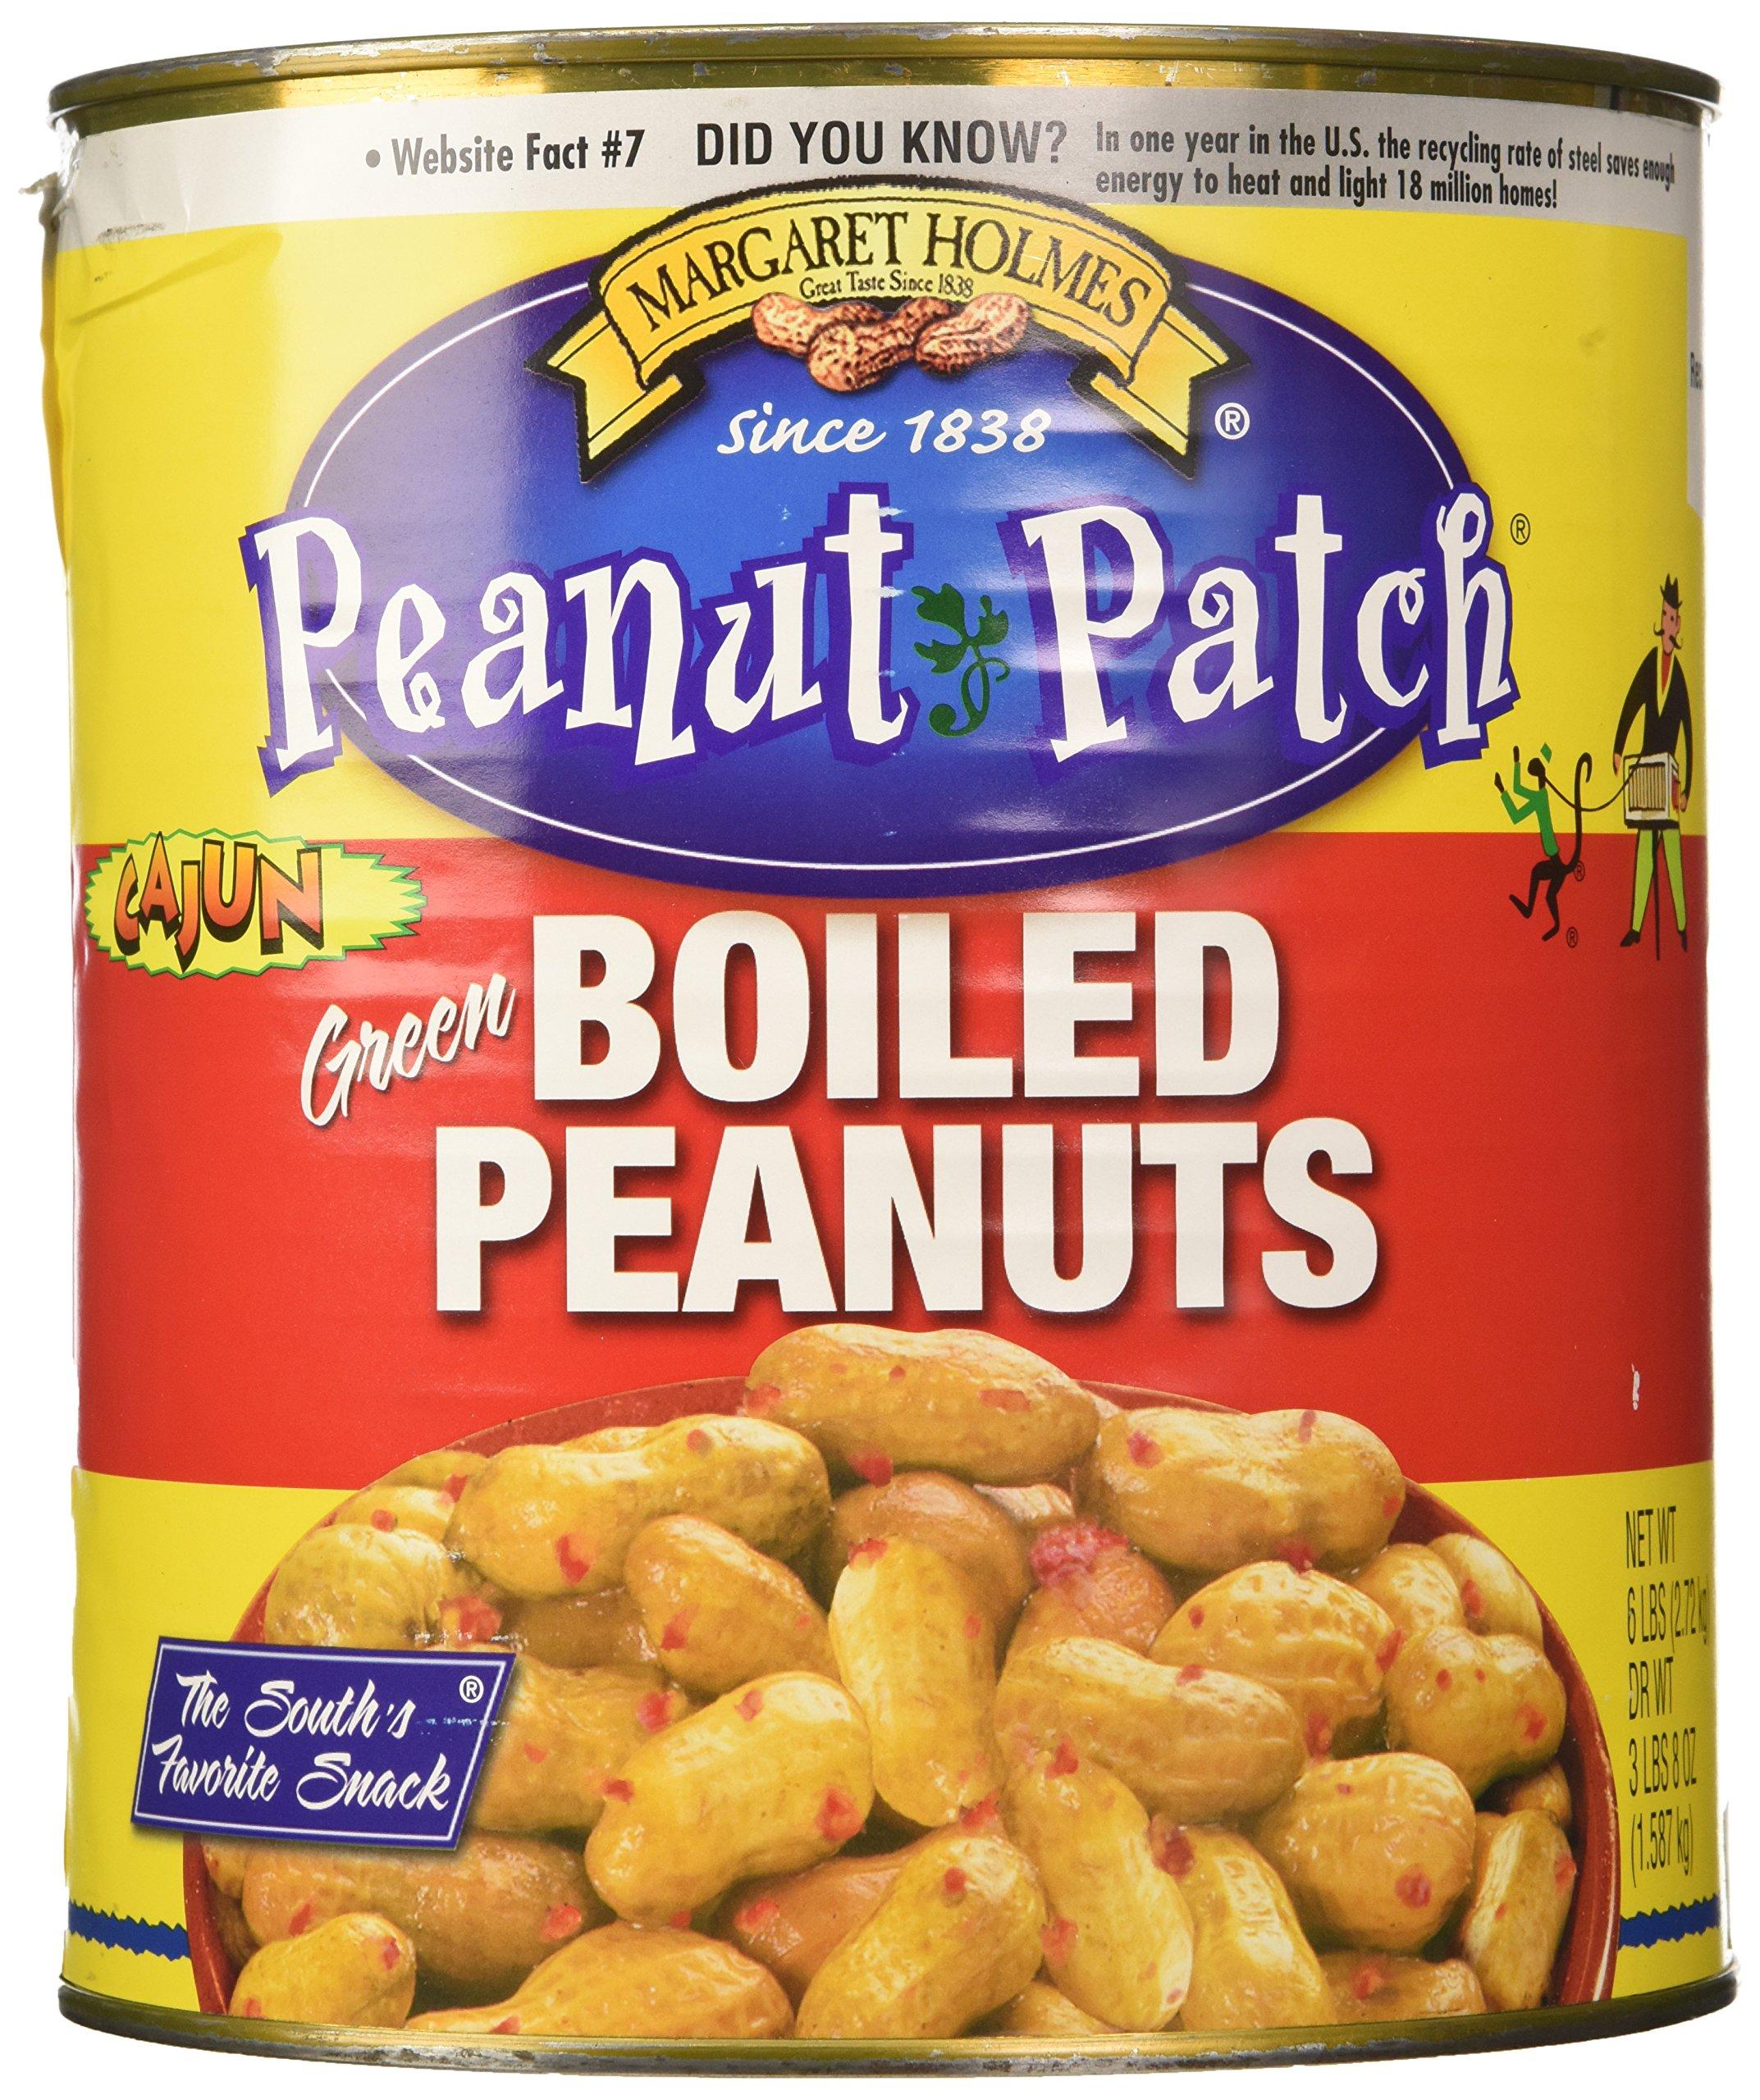 Margaret Holmes Green Cajun Boiled Peanuts - 6lb